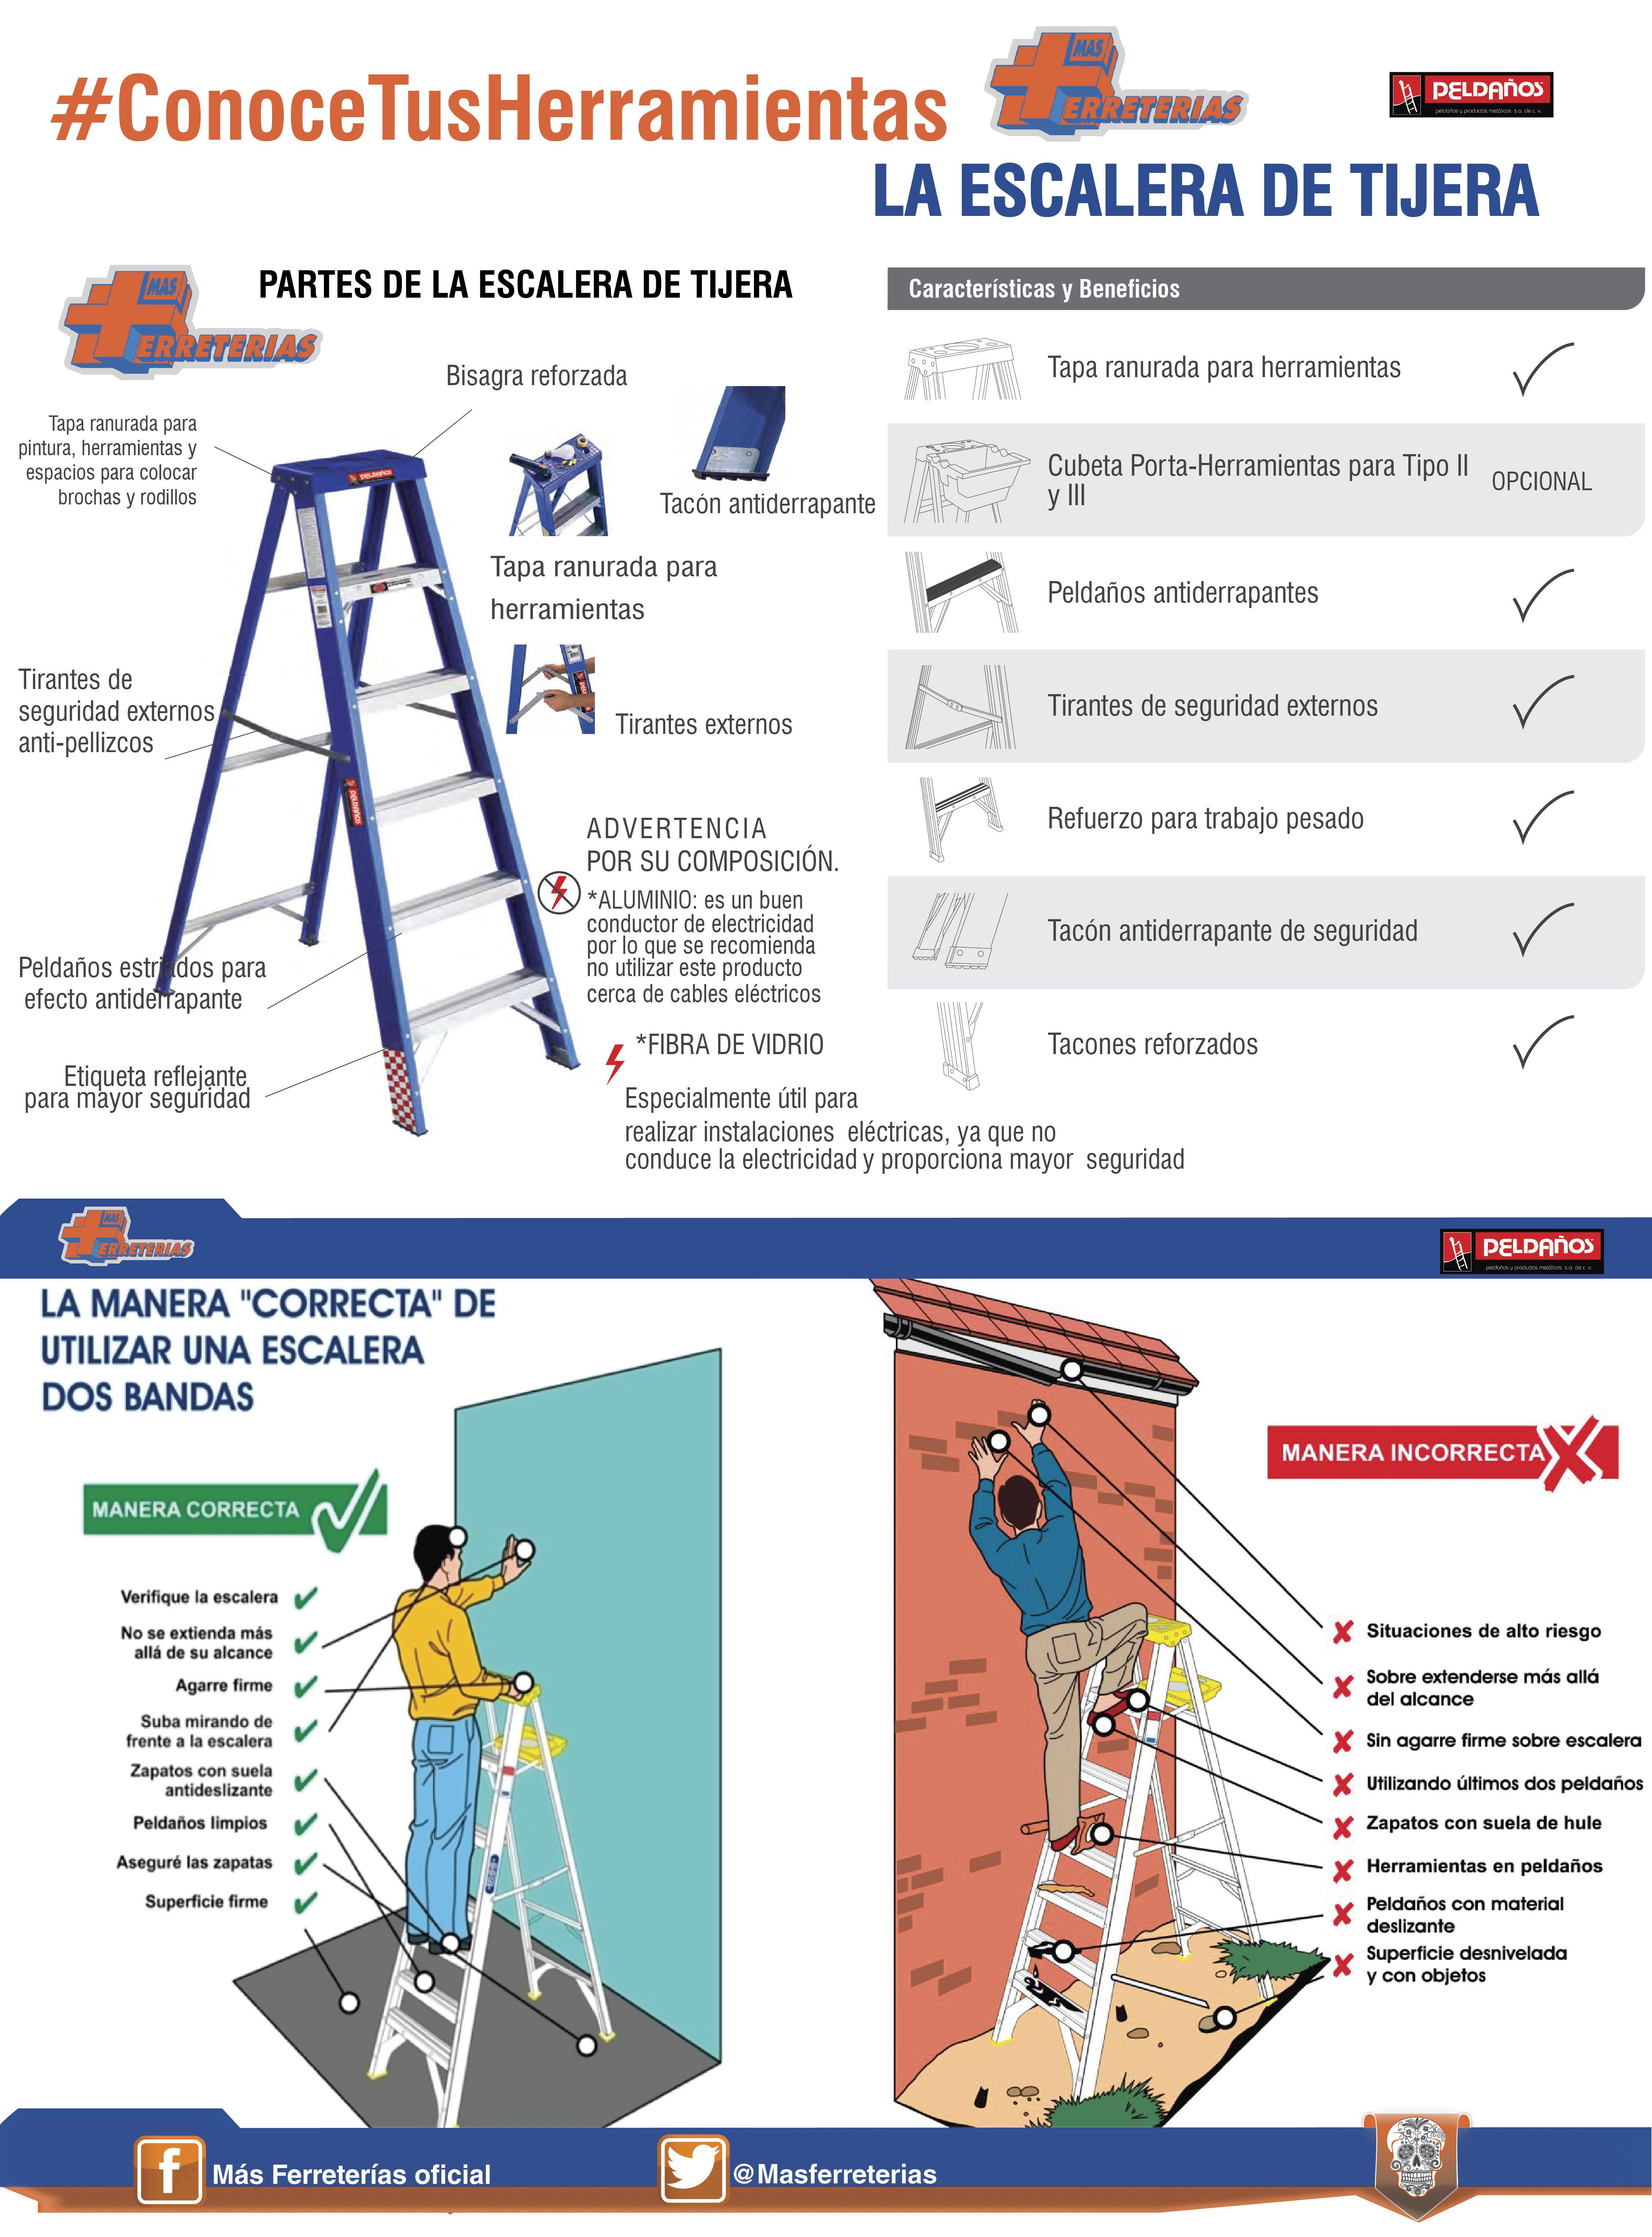 Conoce los elementos que componen tu escalera de tijeras y for Cuales son las caracteristicas de una oficina